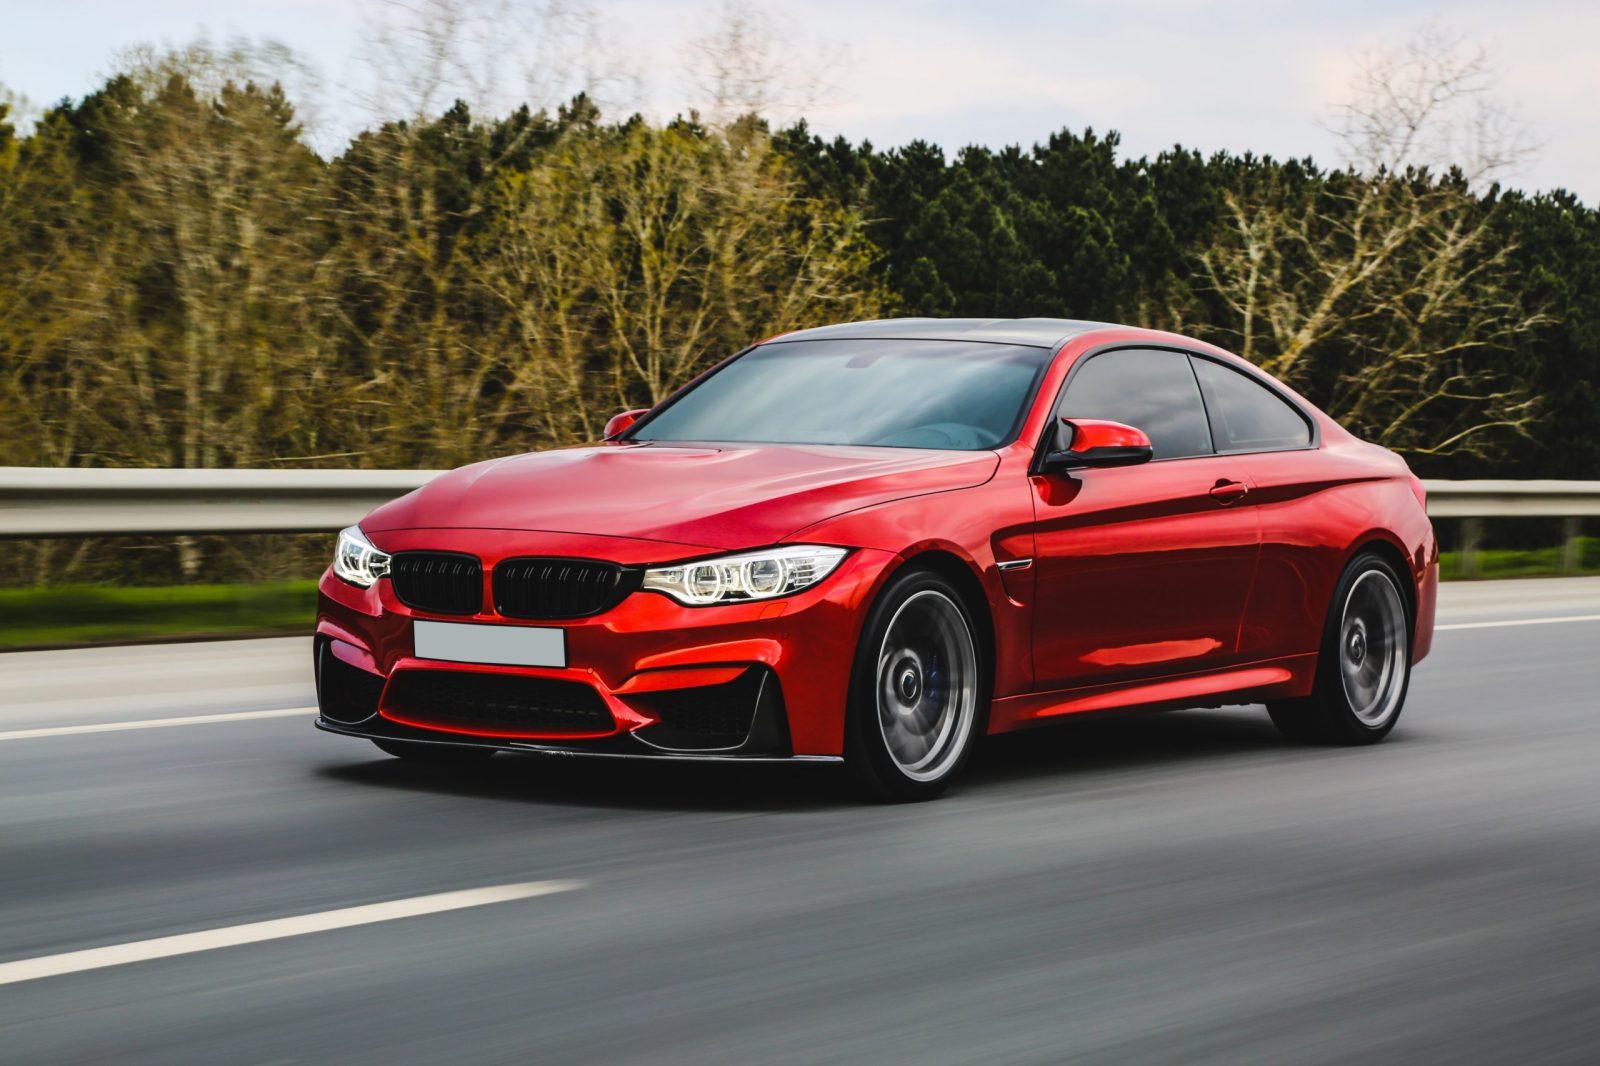 red-luxury-sedan-on-the-road